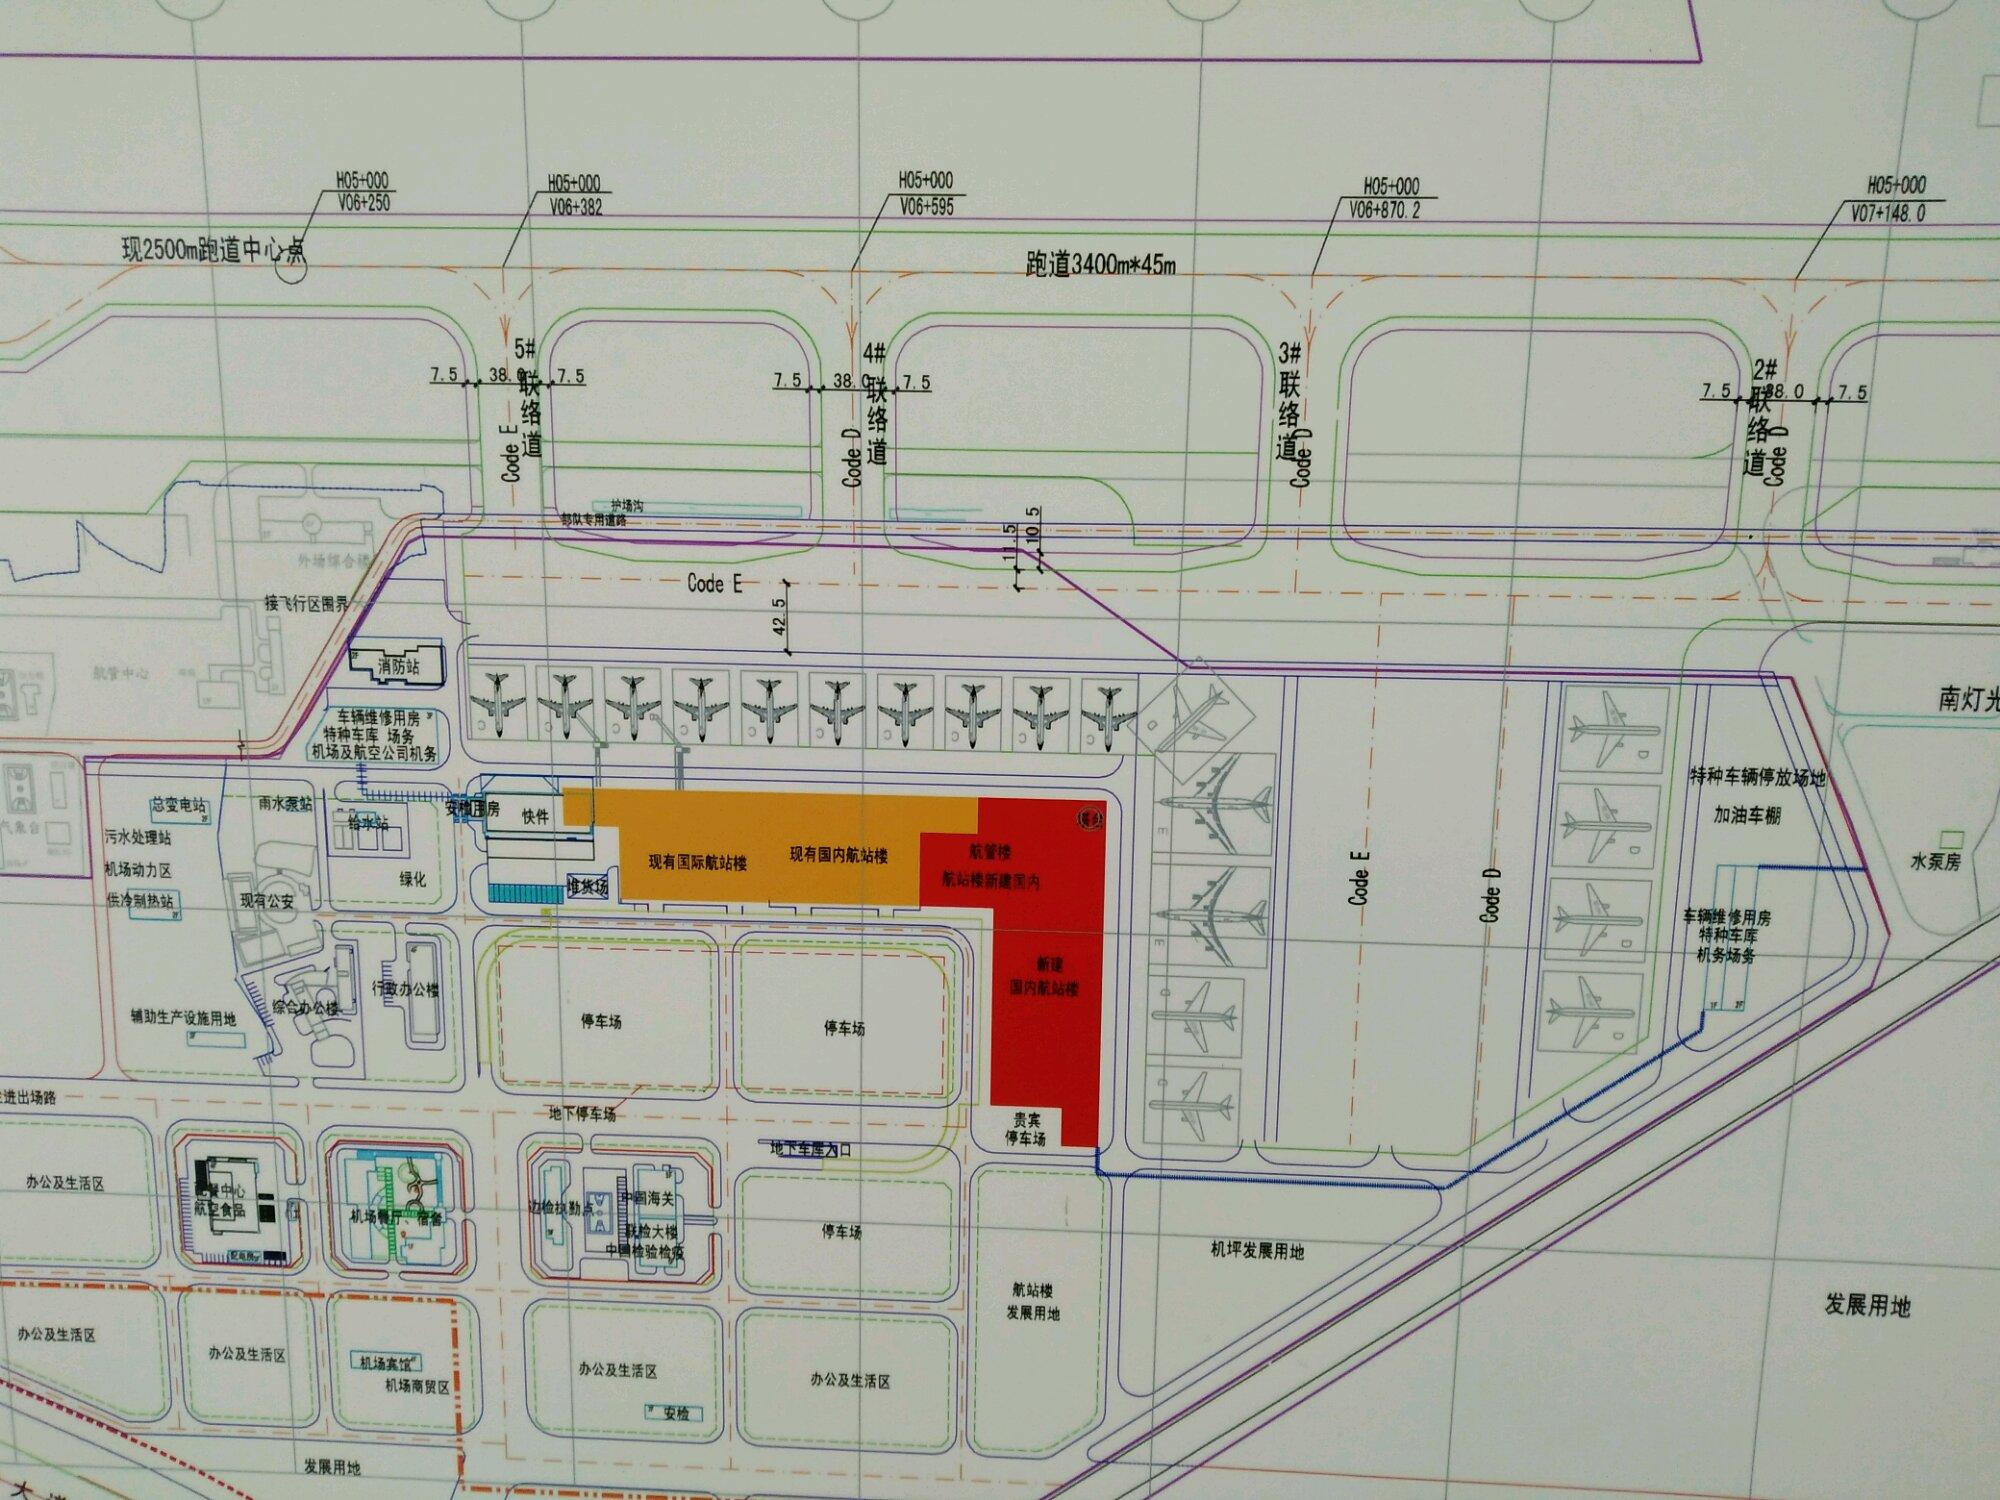 义乌机场二期.jpg